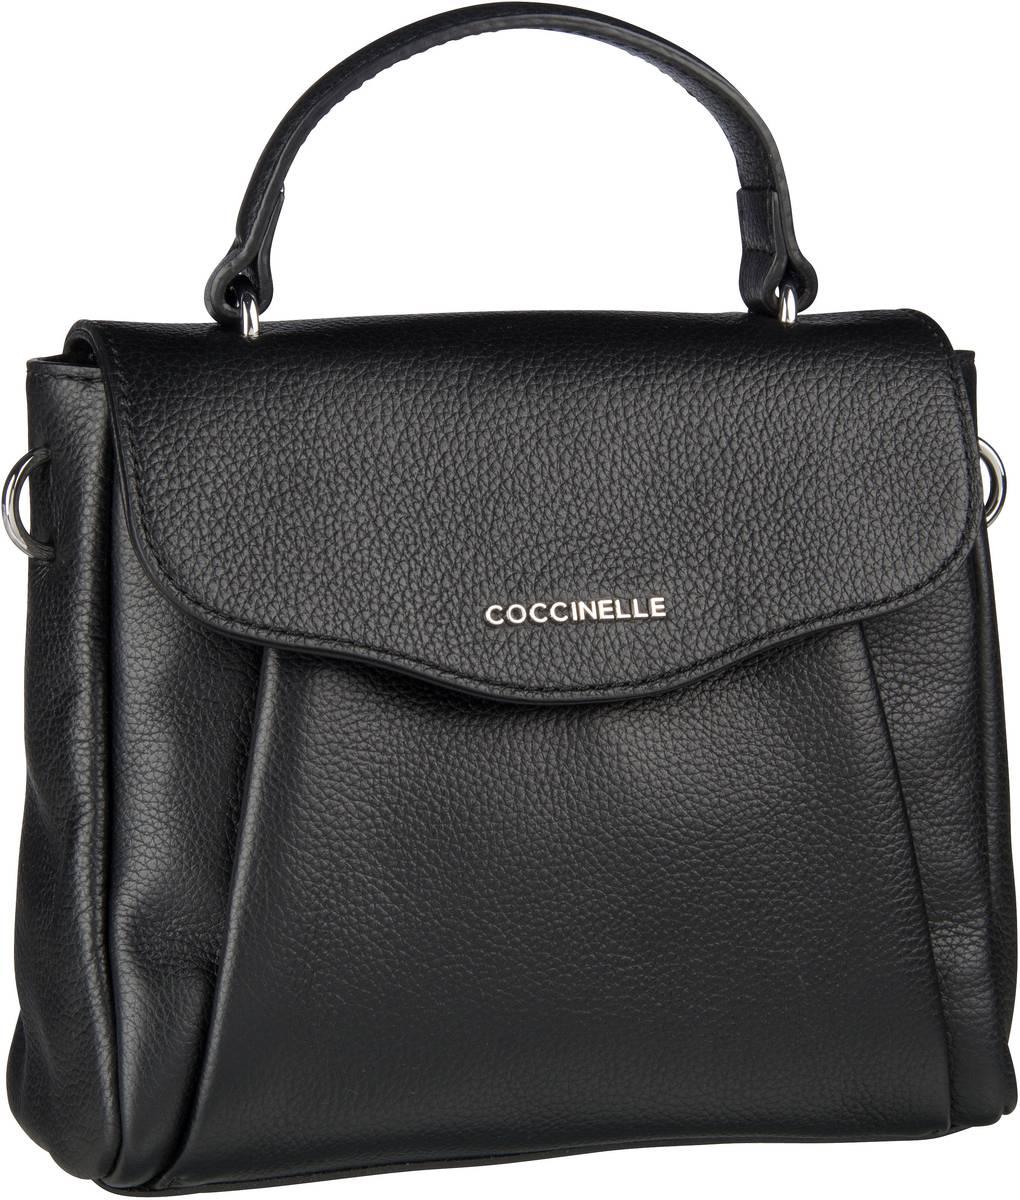 Handtasche Andromeda 5501 Noir